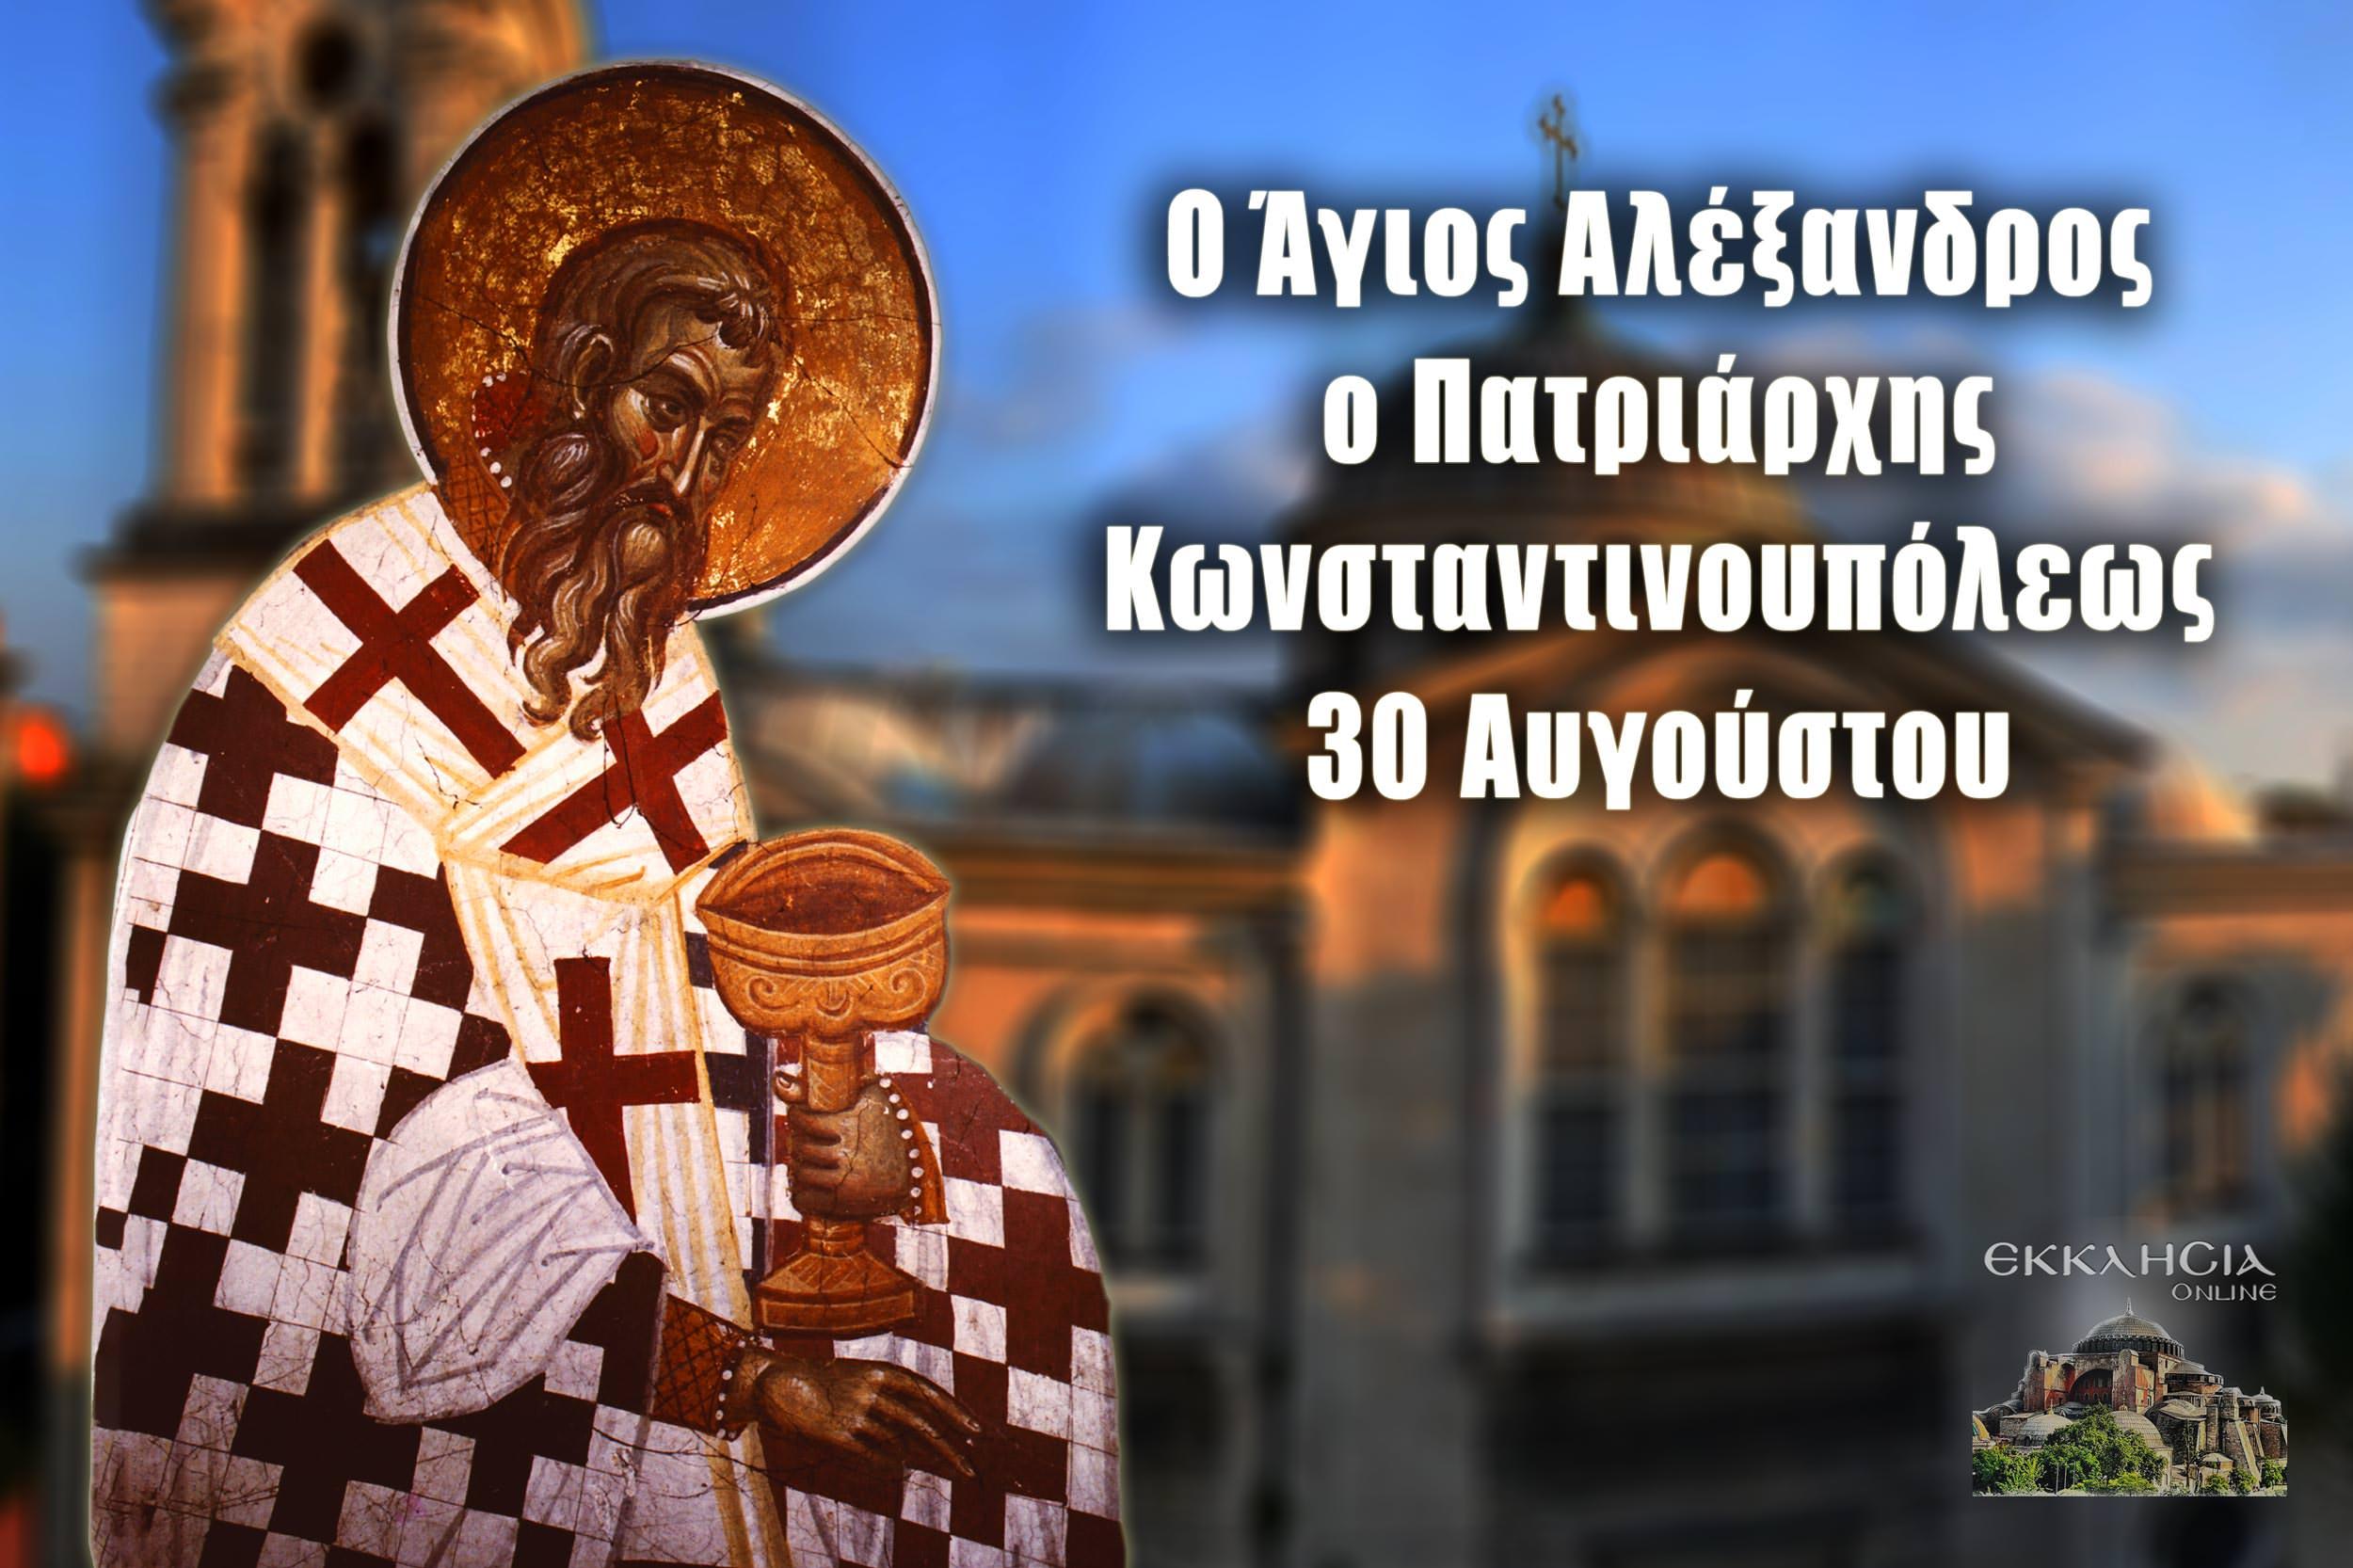 Άγιος Αλέξανδρος Πατριάρχης Κωνσταντινούπολης 30 Αυγούστου